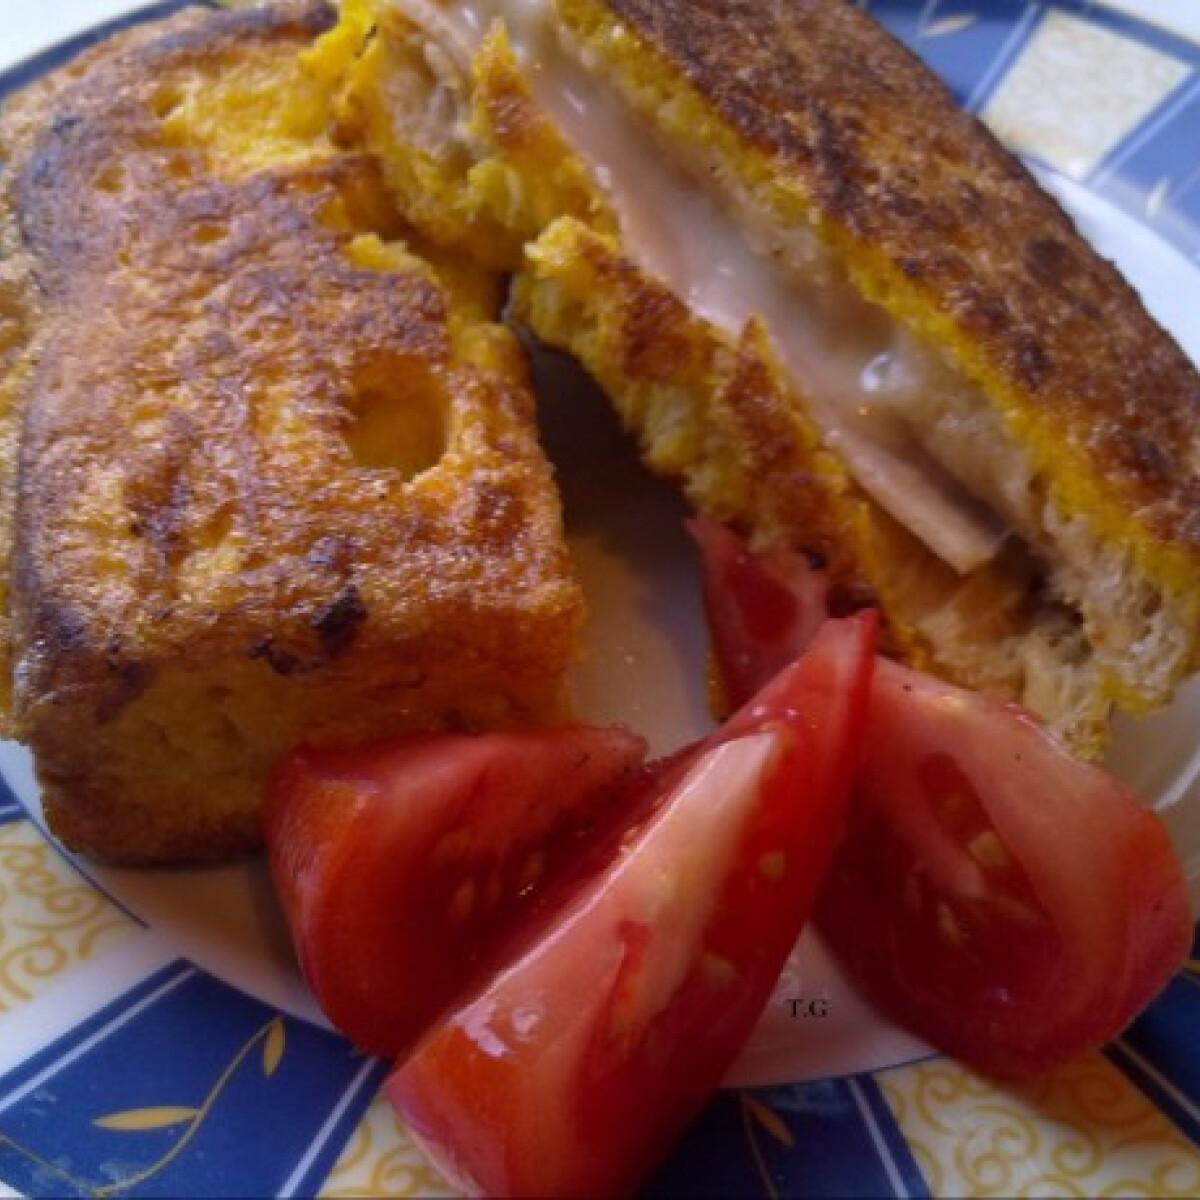 Sajtos-sonkás bundás kenyér